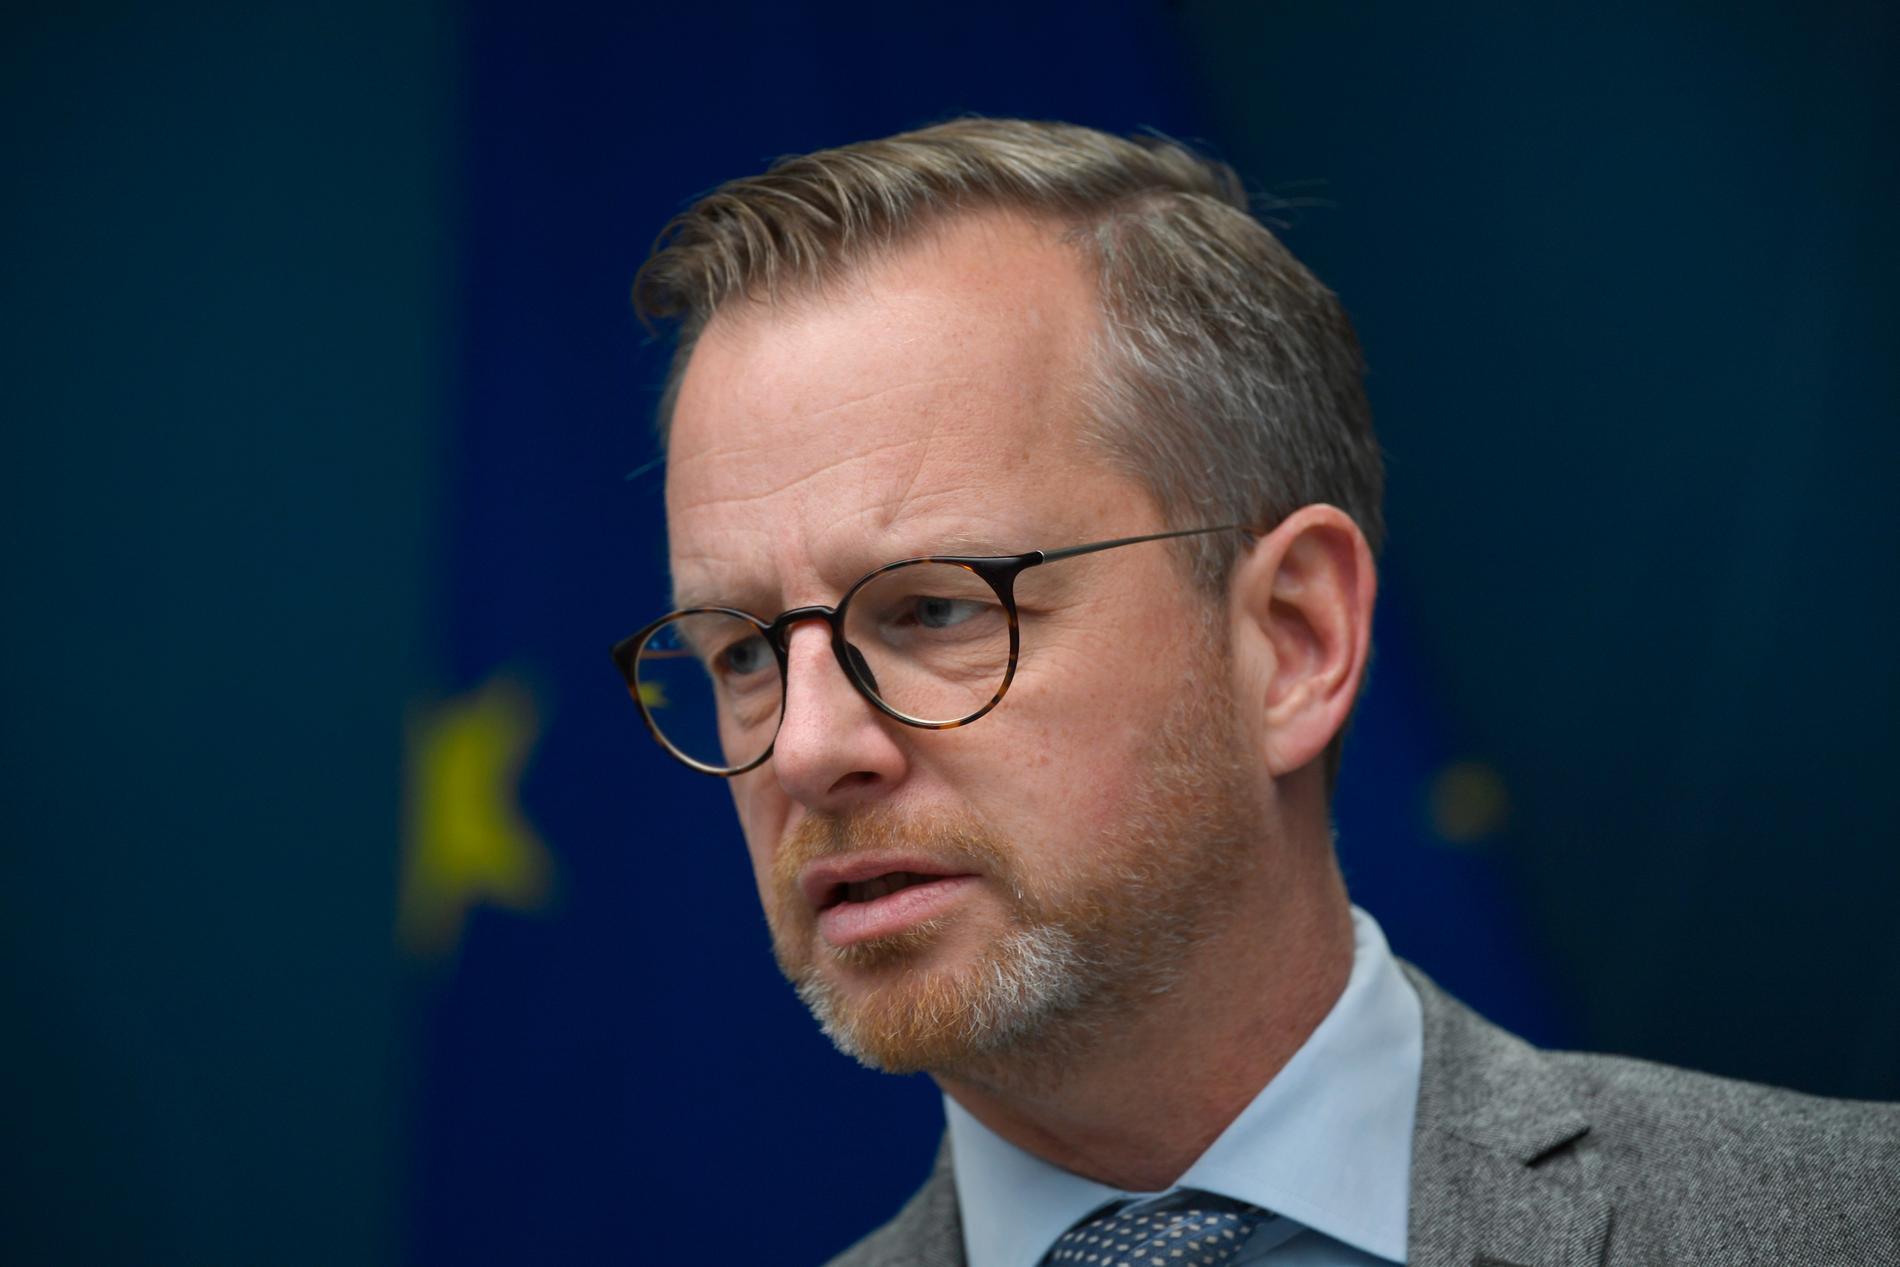 Inrikesminister Mikael Damberg (S) säger att polisen hanterade gårdagens demonstrationer på ett professionellt sätt. Arkivbild.